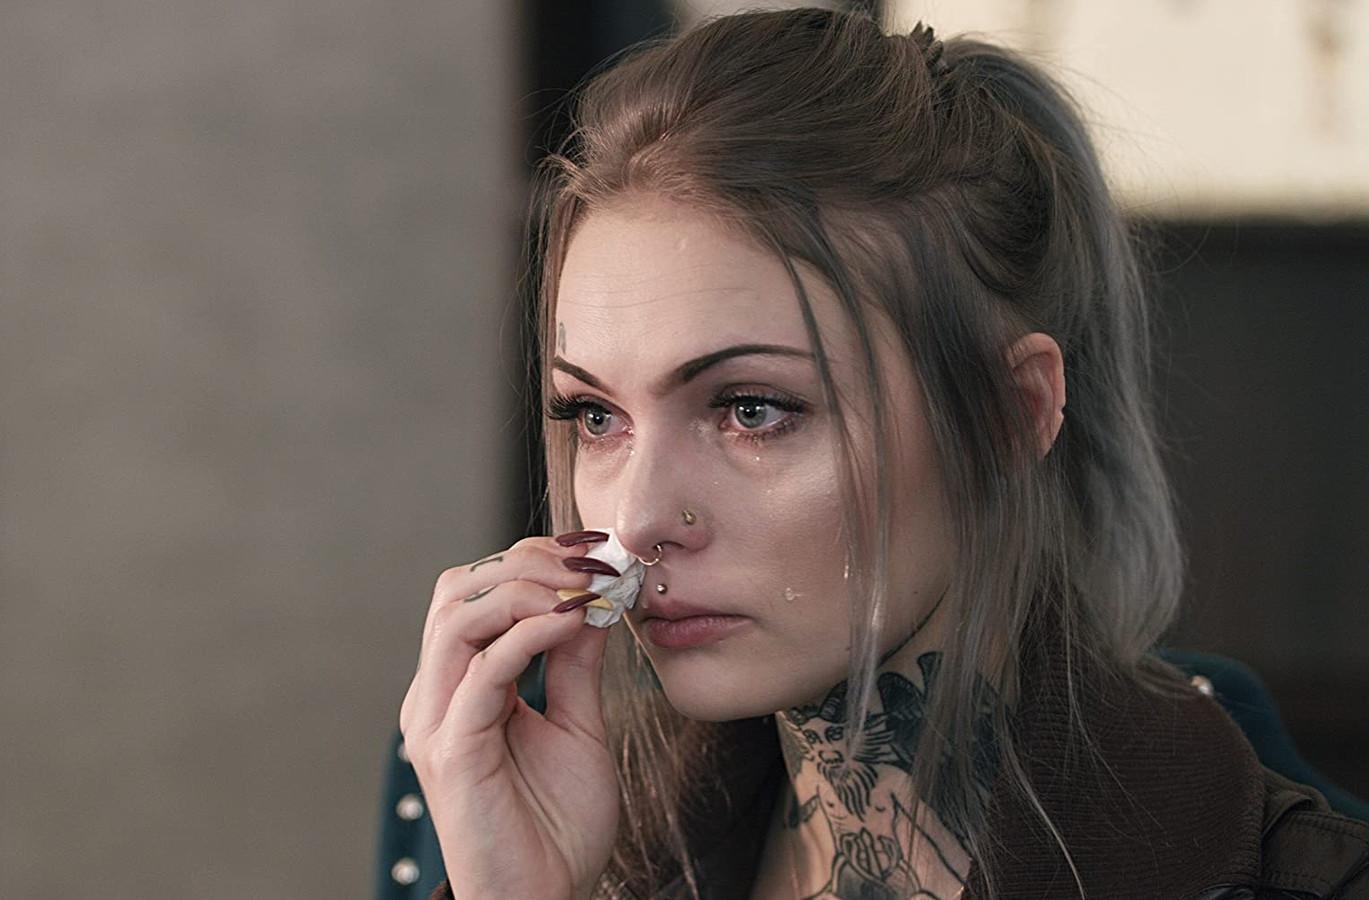 In 'Audrie & Daisy' beweerde ze dat ze in januari 2012 op 14-jarige leeftijd op een feestje werd aangevallen door Matthew Barnett, toen een 17-jarige jongen die zwaar onder invloed zou zijn geweest.